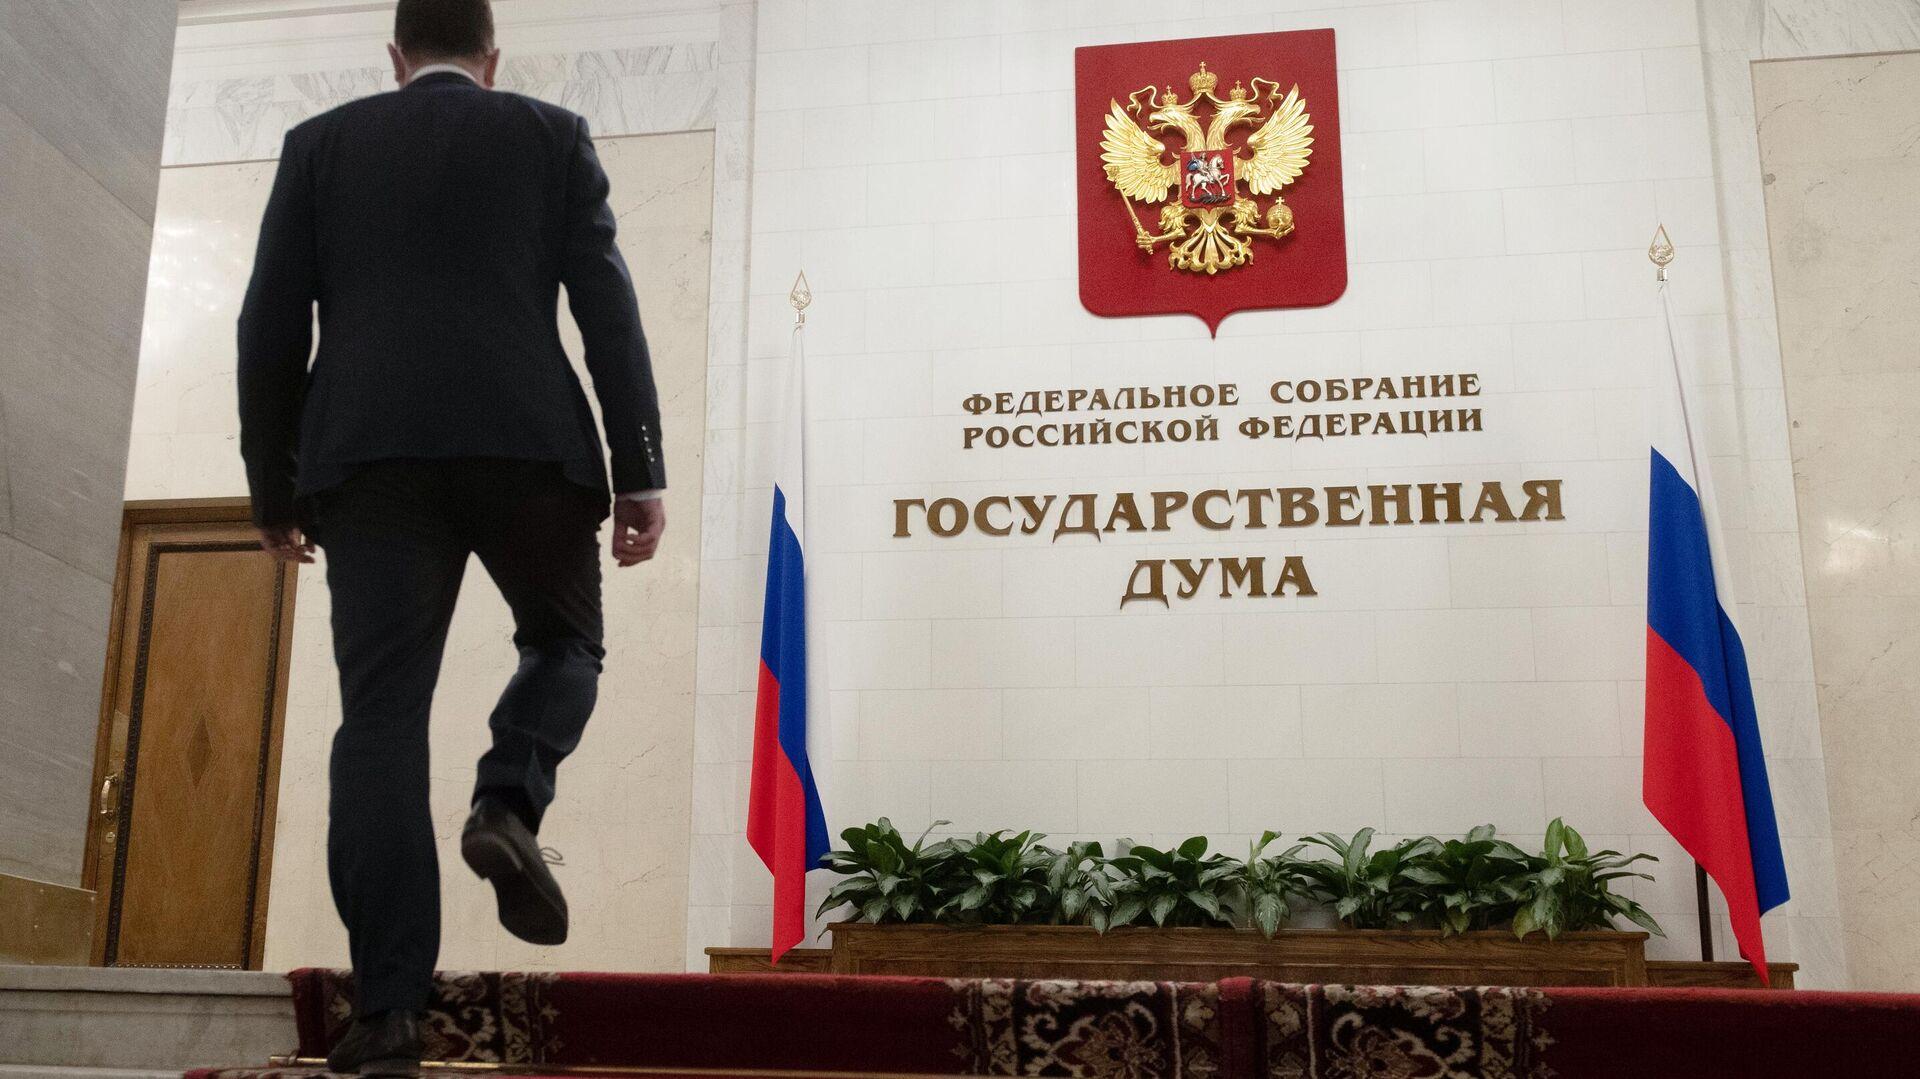 Комитет Госдумы обсудил организацию агитации при многодневном голосовании